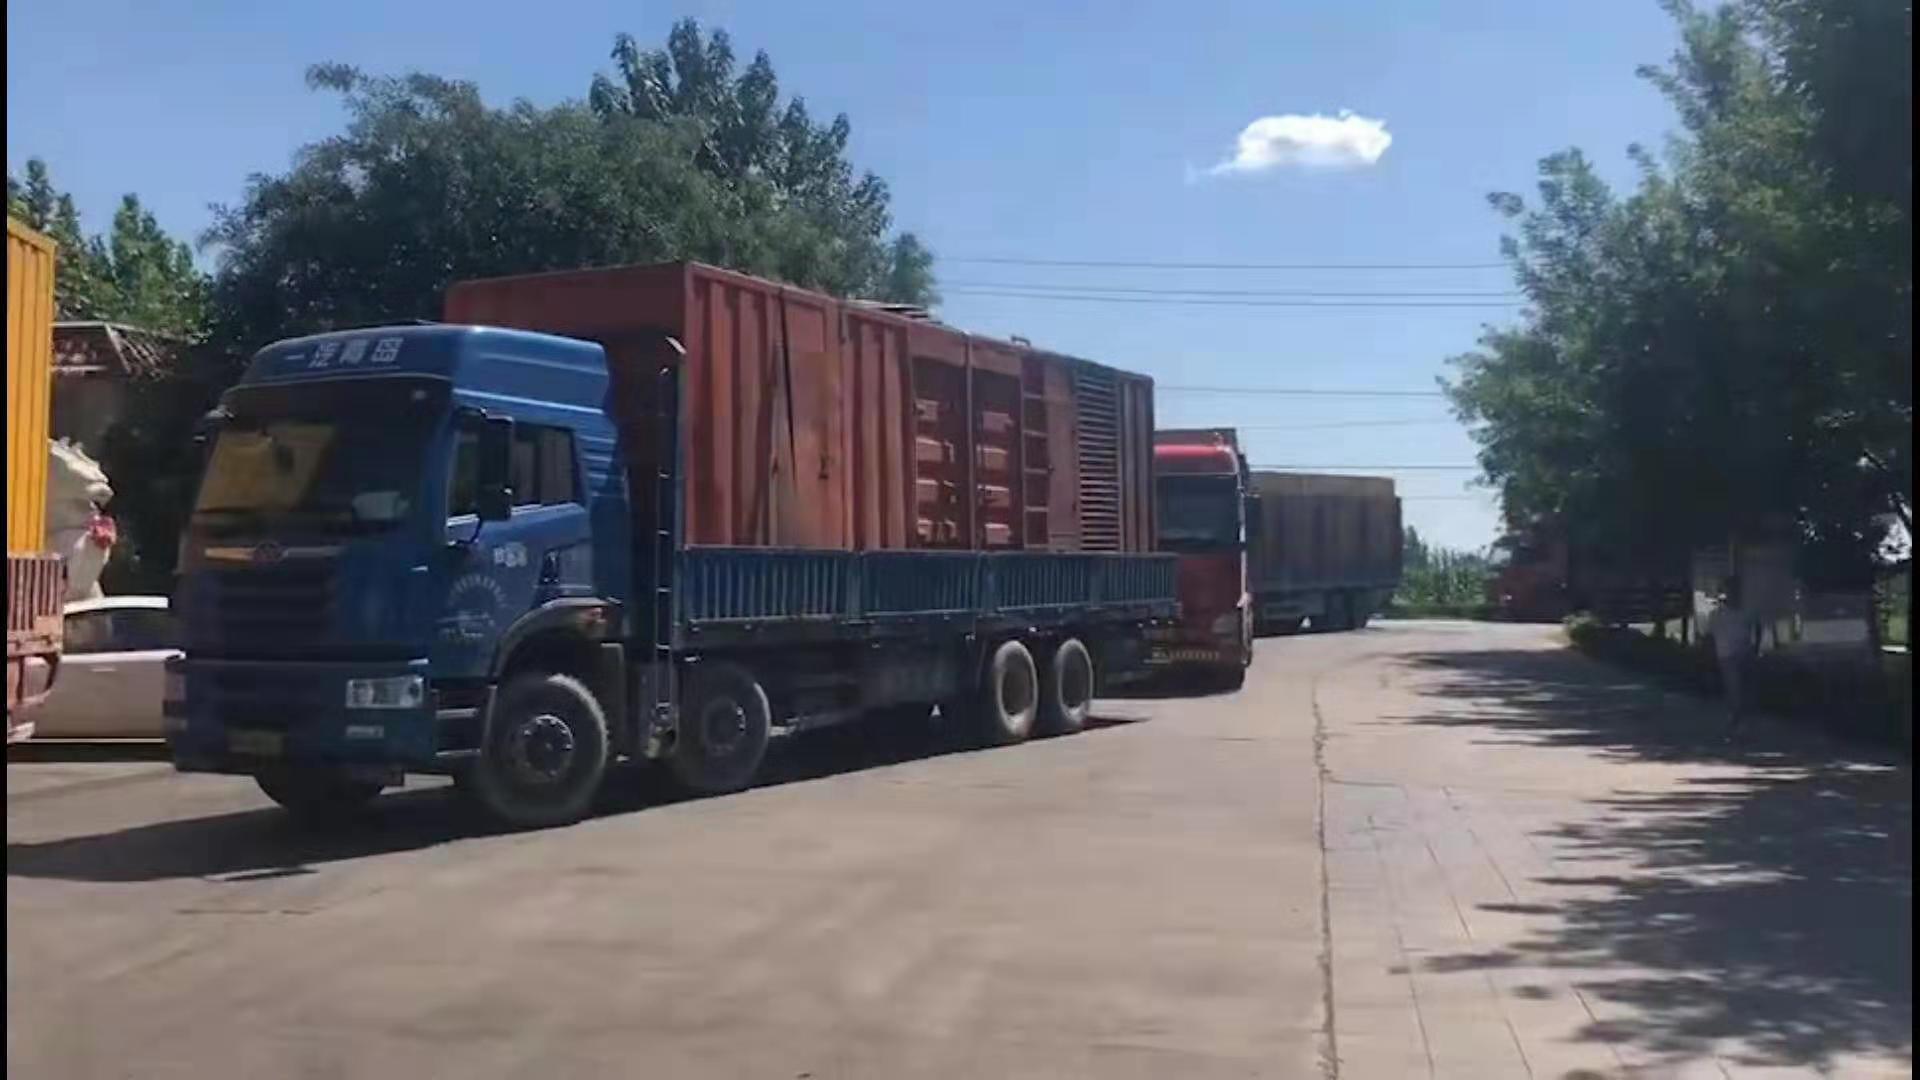 供电)淮北800kw发电机出租24小时供电